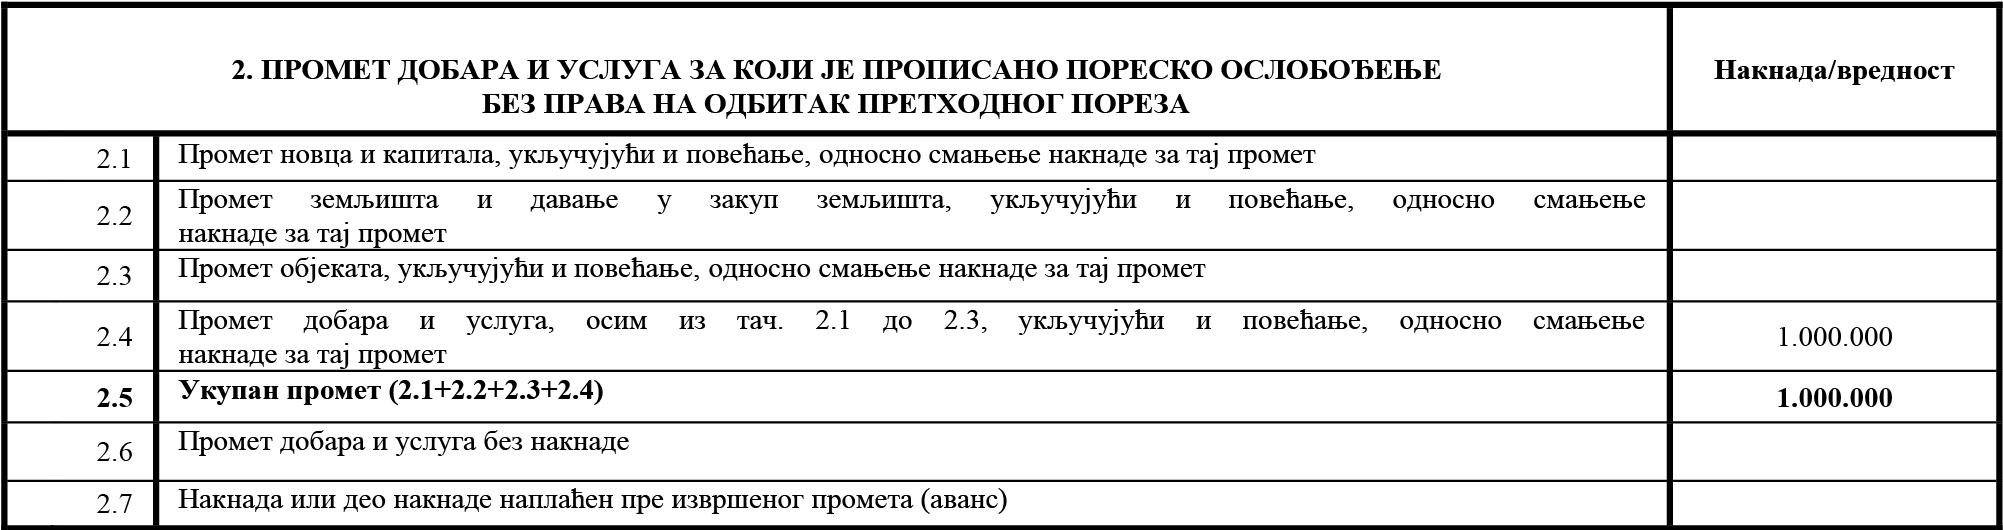 uputstvo PU obrazac POPDV primer 39